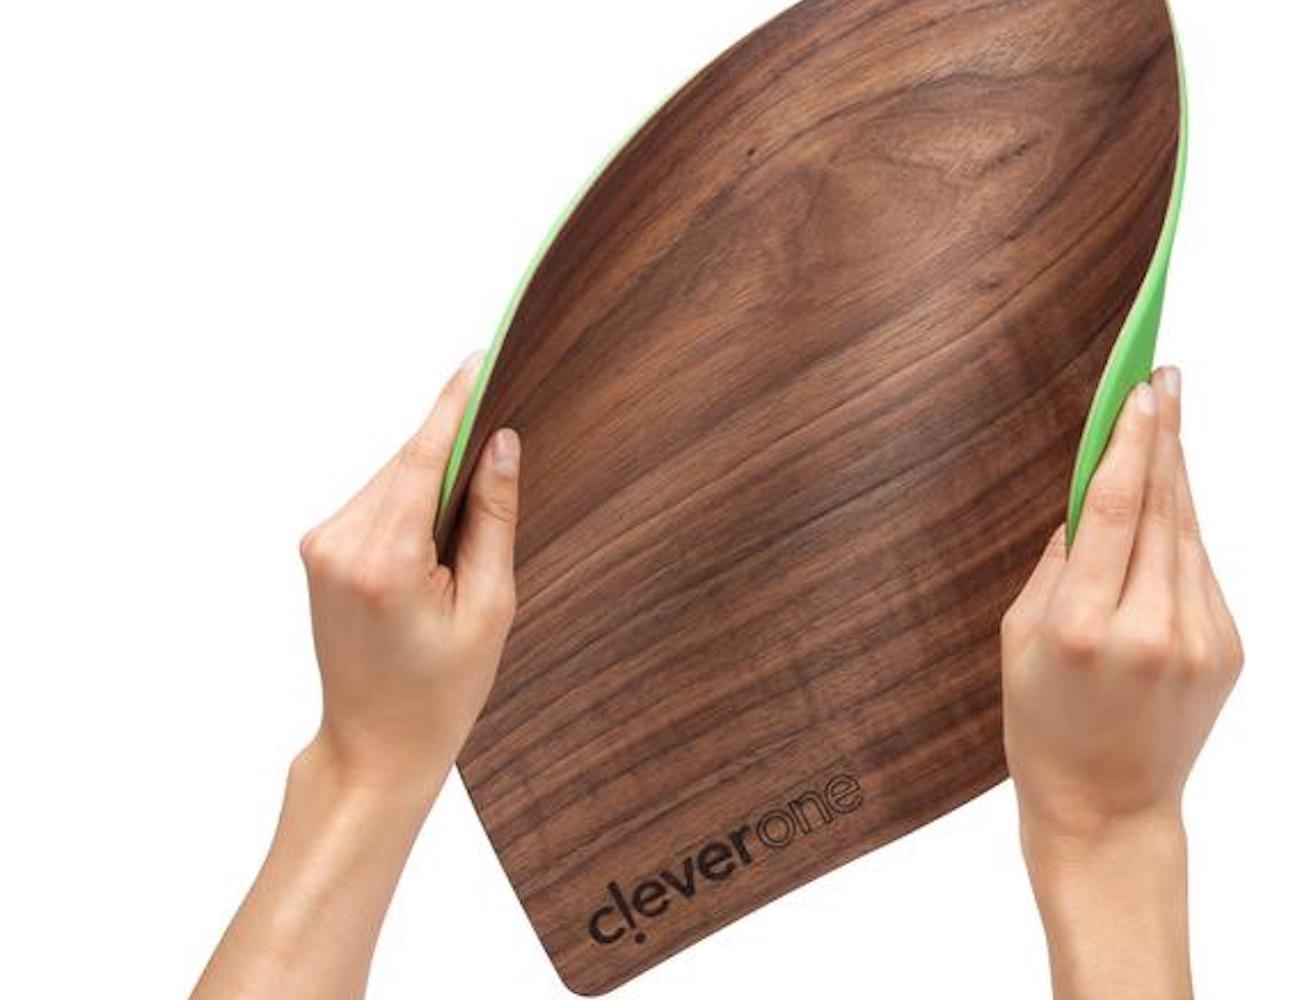 CleverOne woodNflex Flexible Wood Cutting Board